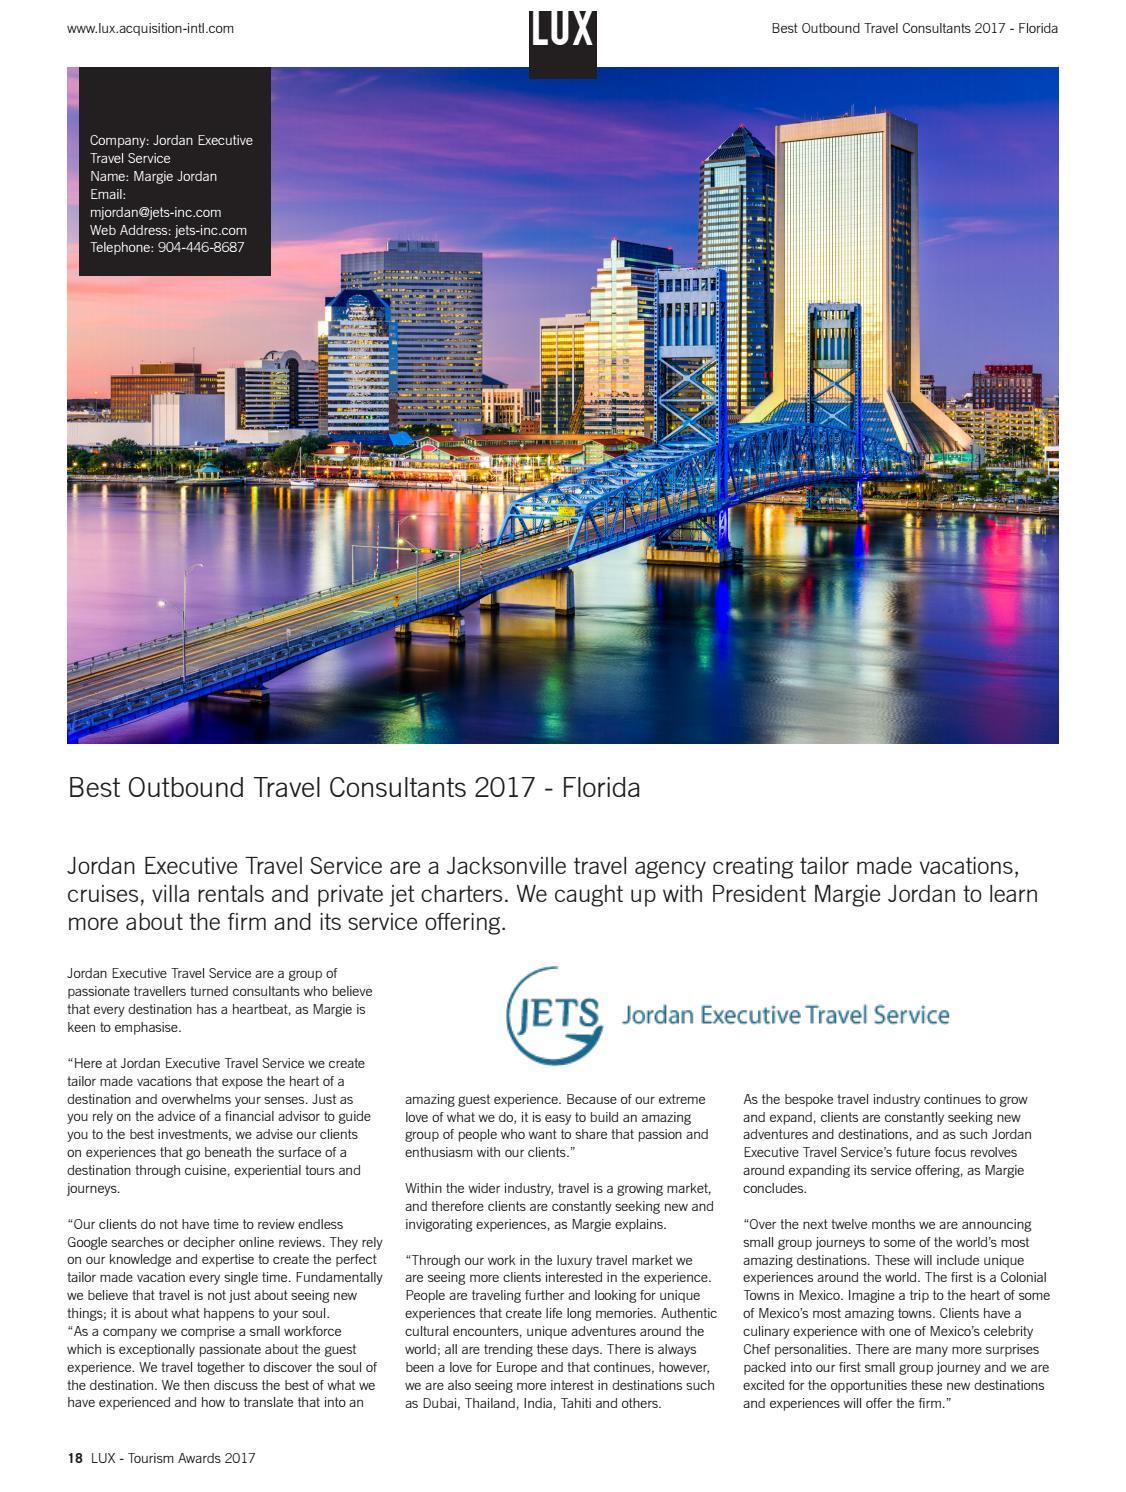 jordan executive travel